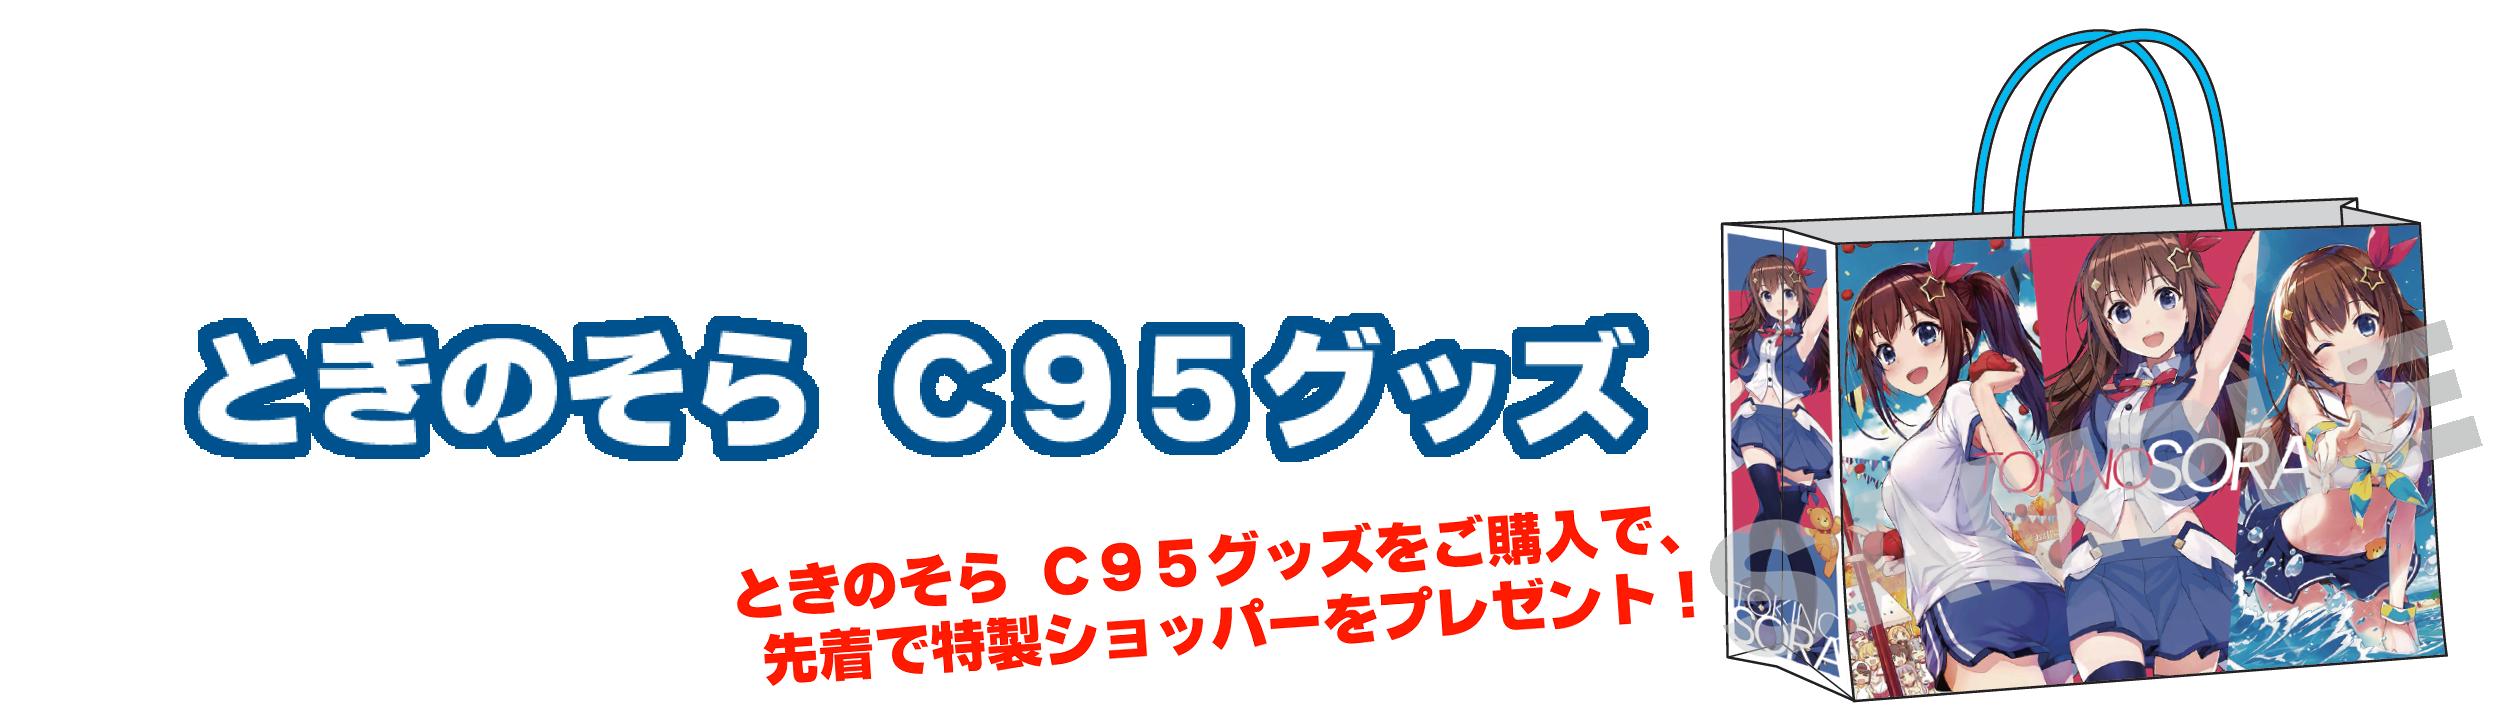 ときのそら C95グッズ